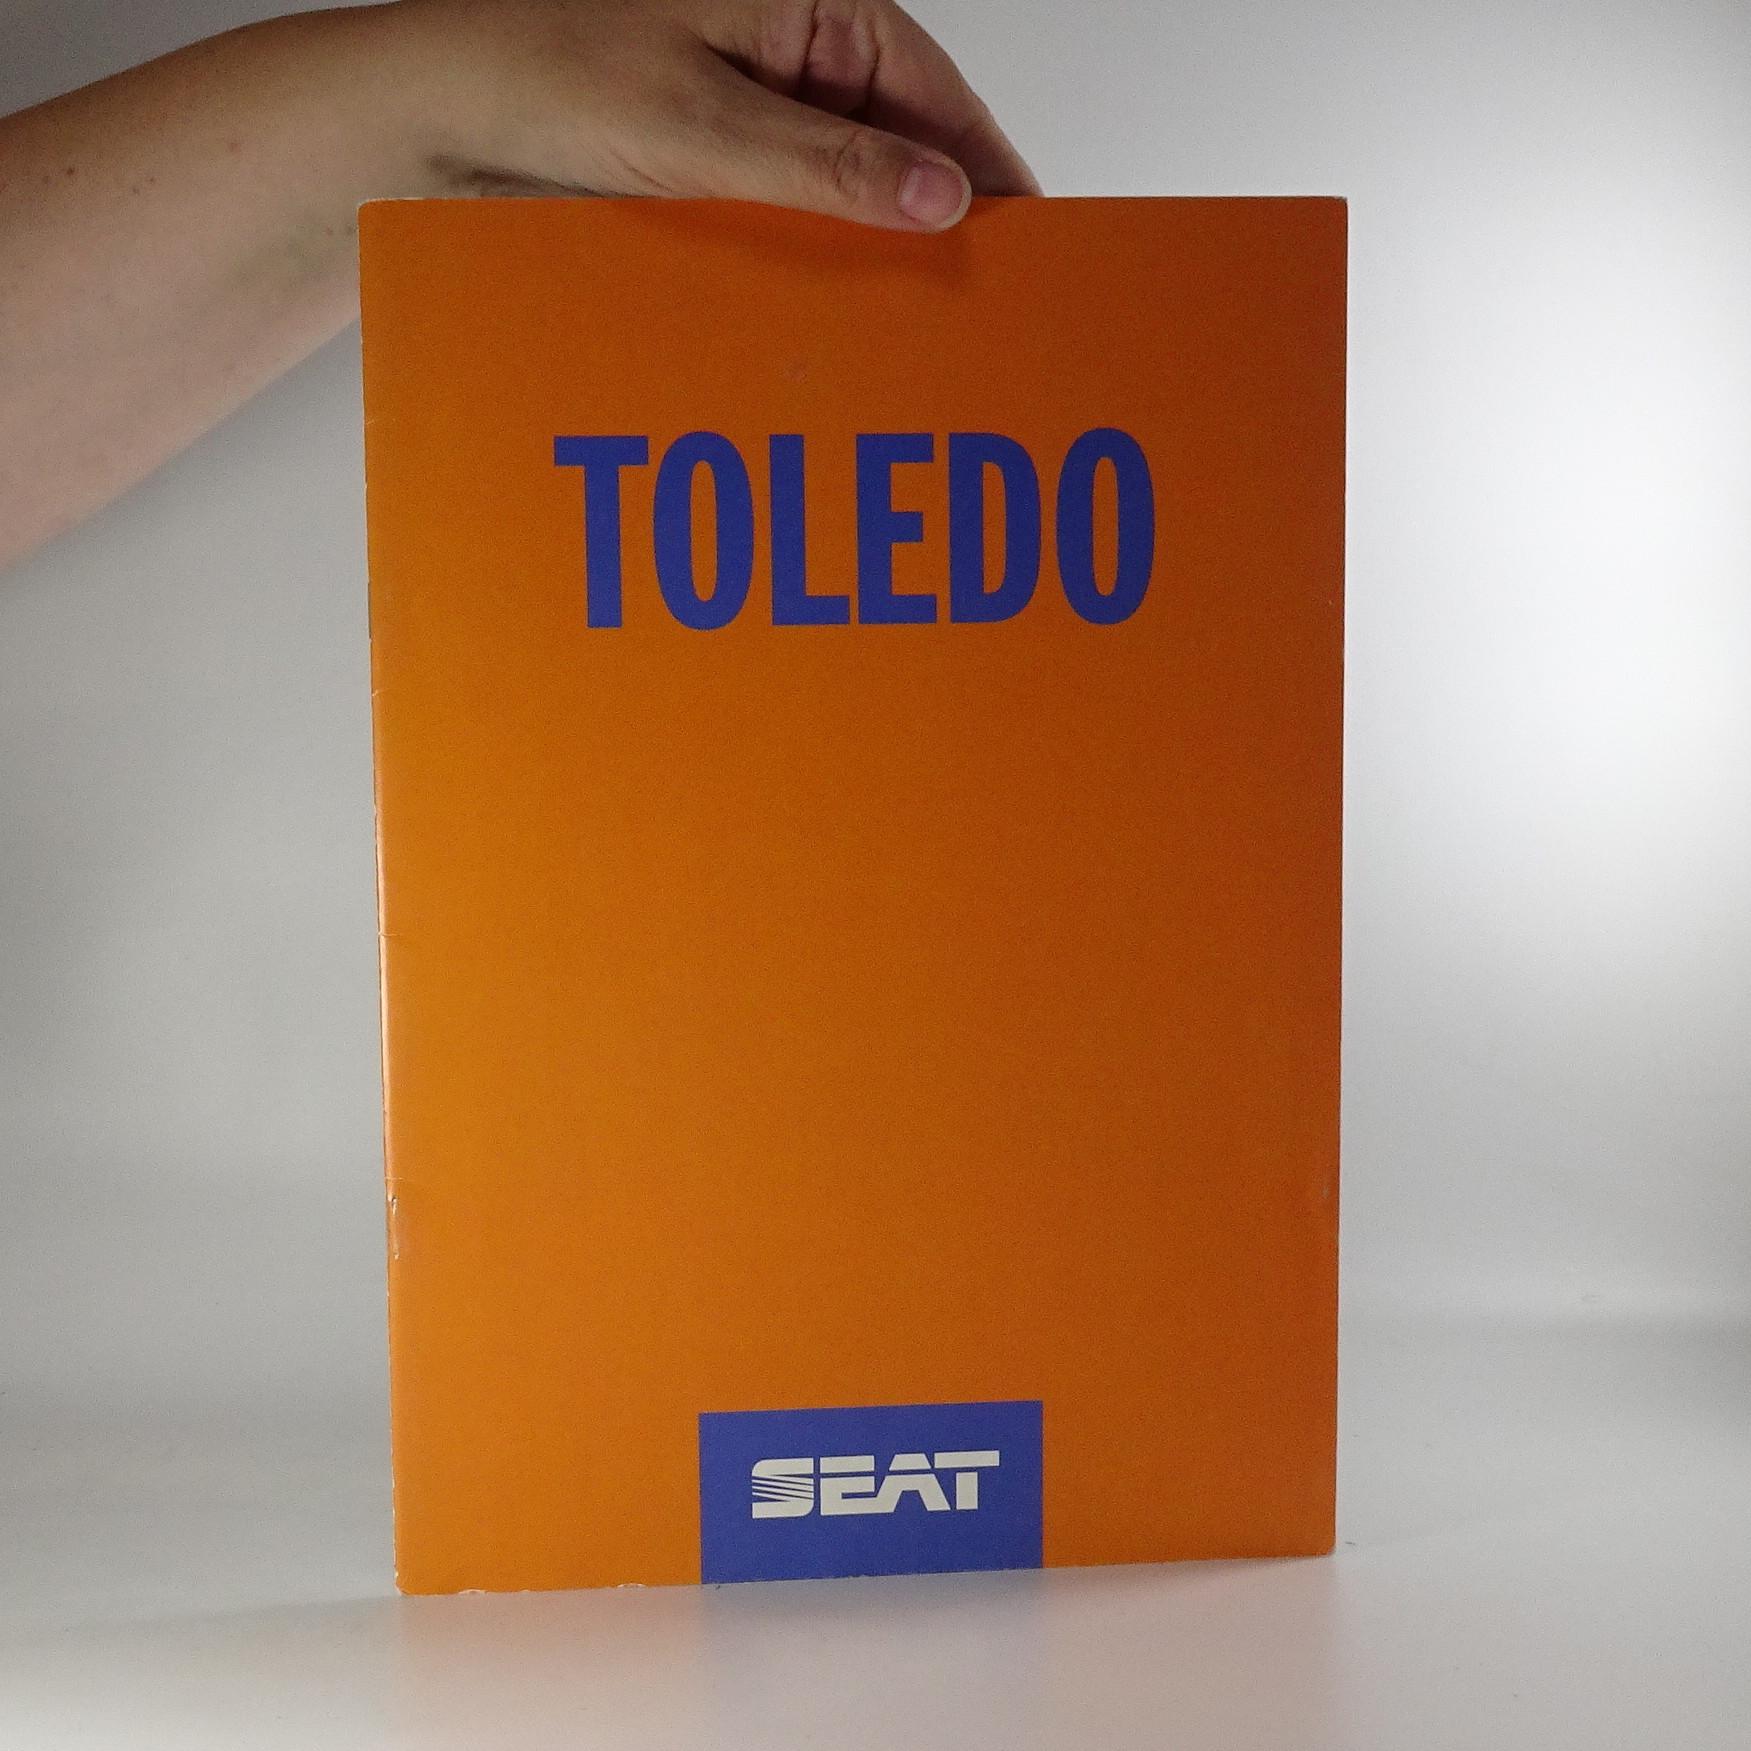 antikvární kniha Prospekt Seat Toledo, neuveden